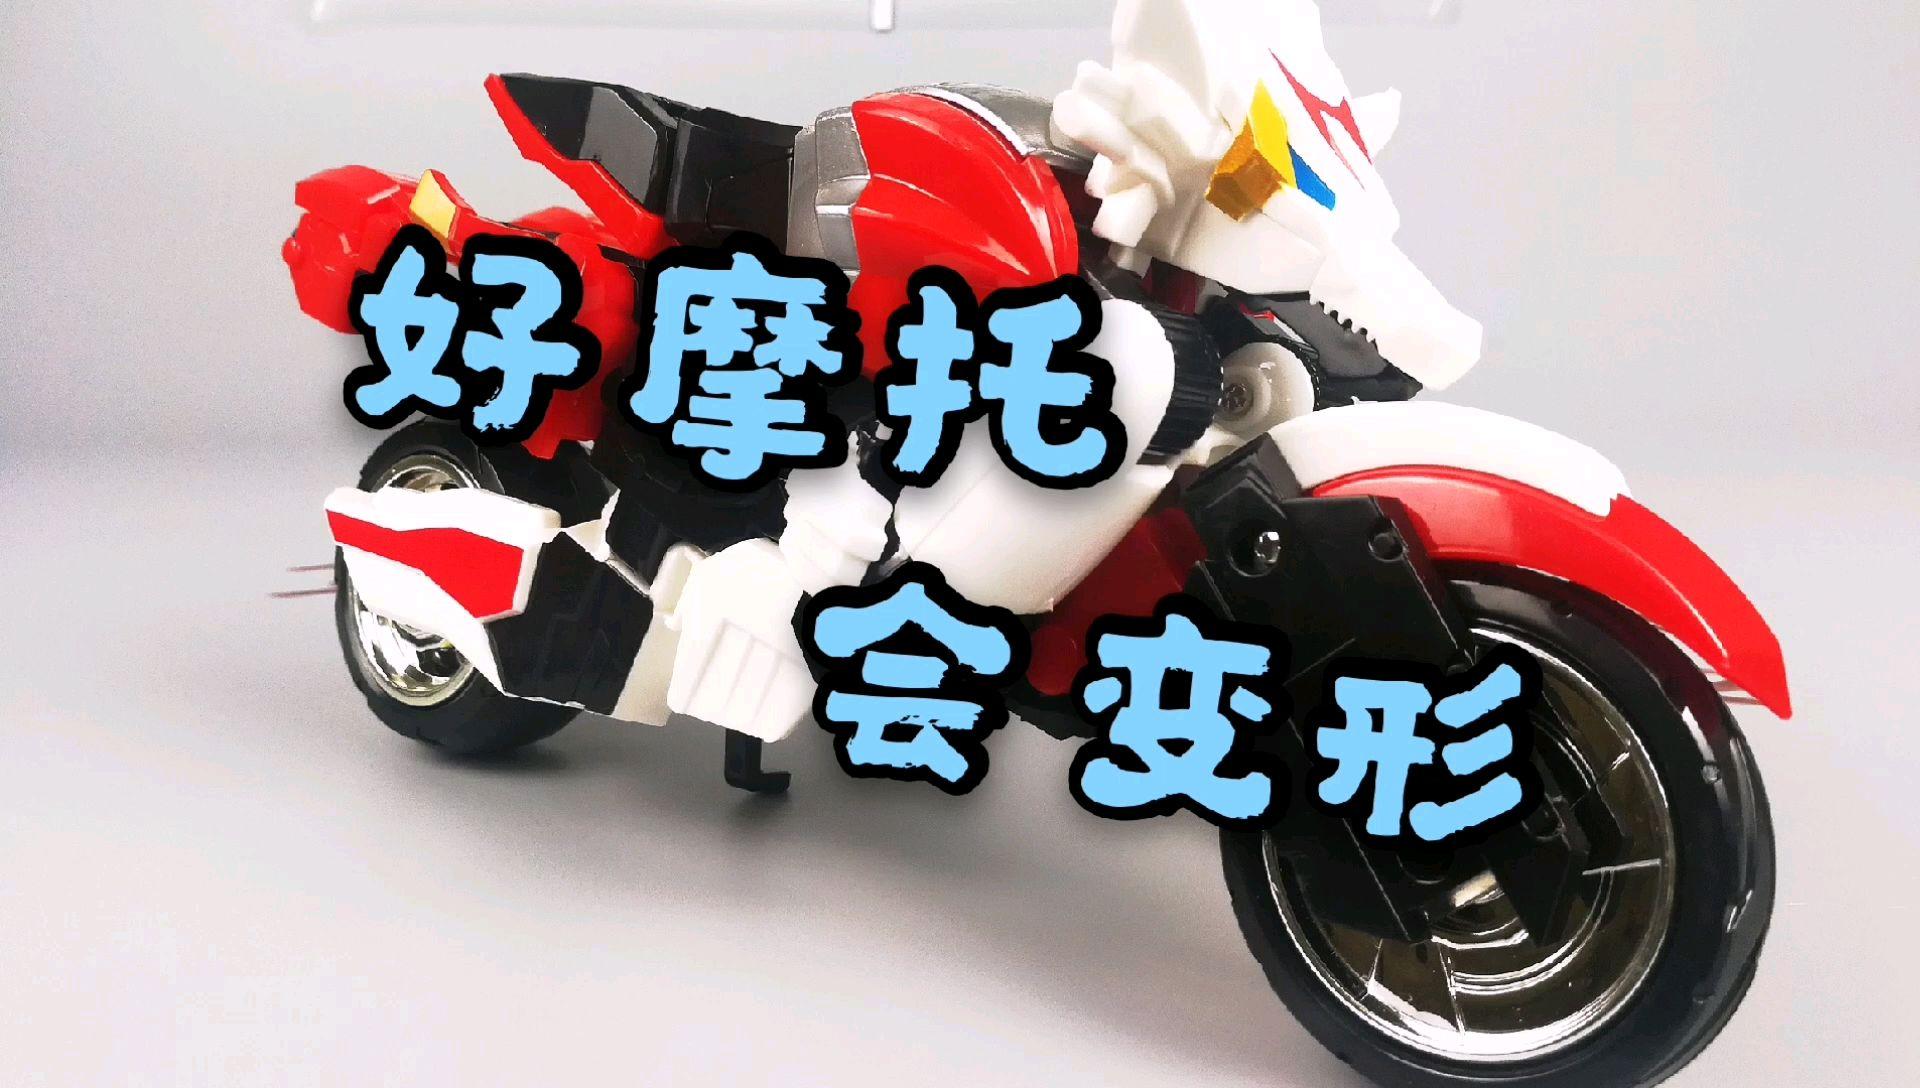 #30【邹小茹】骑上我心爱的小摩托 元气拯救队 8.5寸 神龙金刚 变形金刚